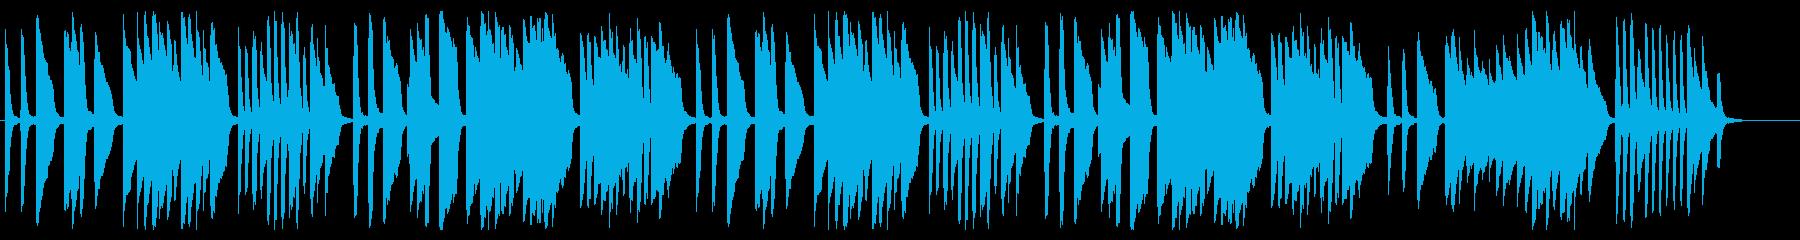 はとぽっぽ ピアノver.の再生済みの波形